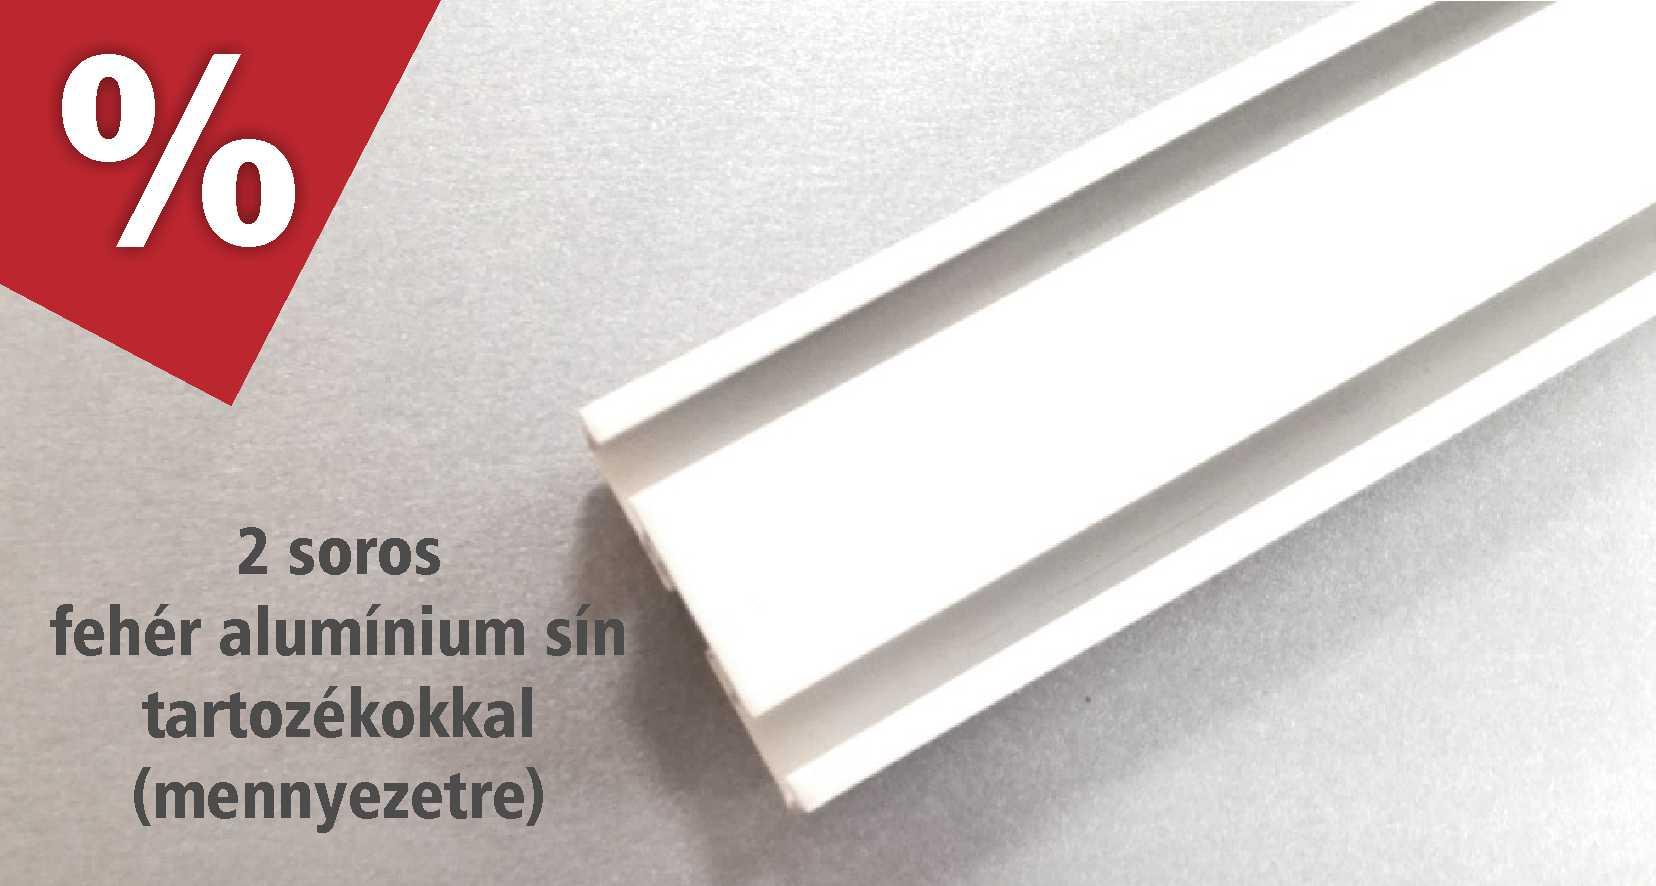 Fehér színű 2 soros alumínium függönysínek -  több méretben - akciós áron januárban - karnisstudio.hu